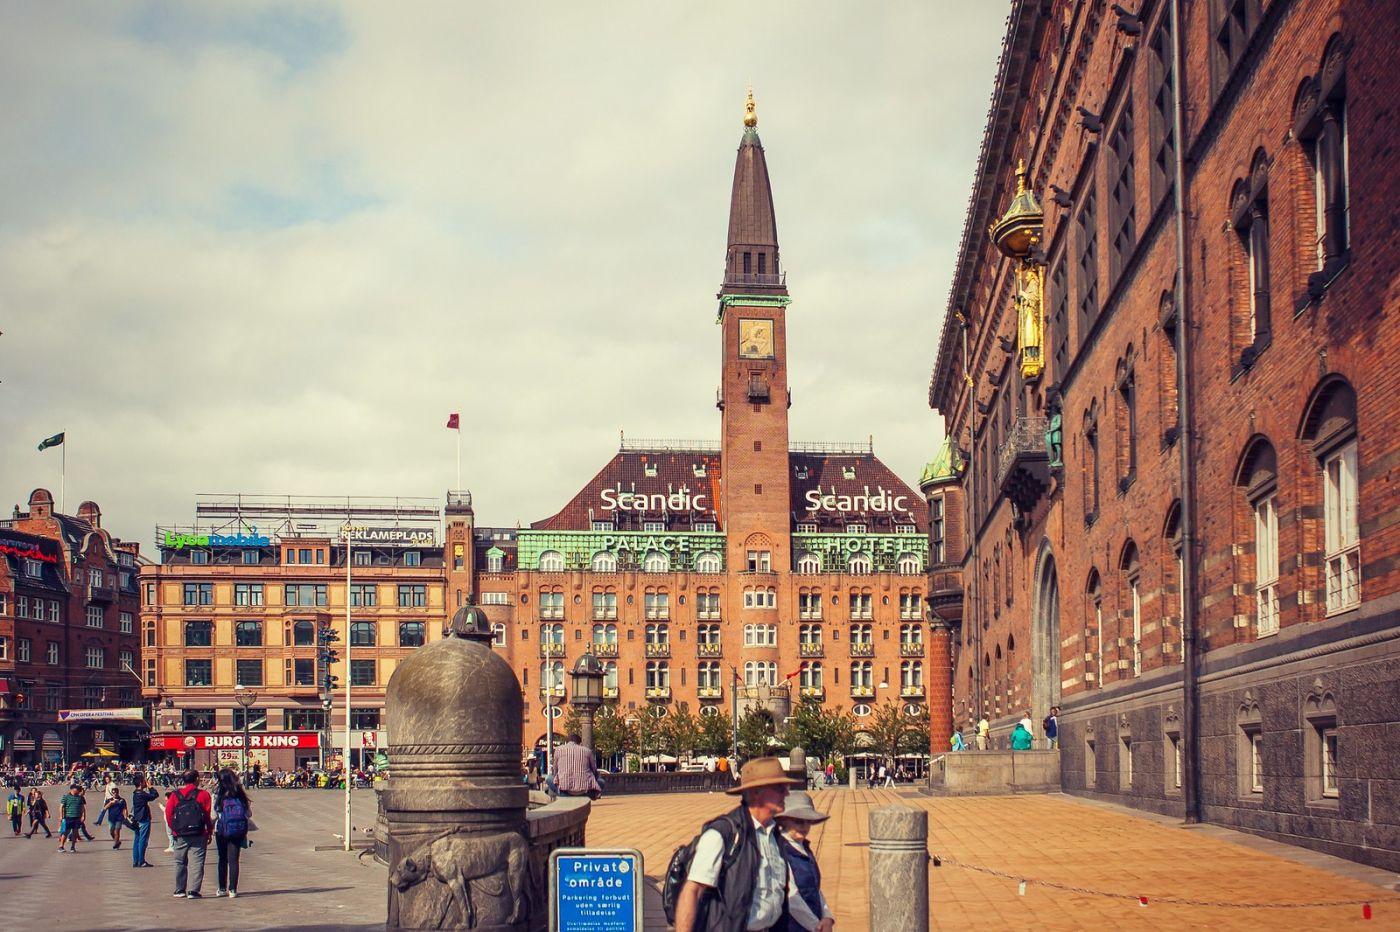 丹麦哥本哈根,新旧融合的城市_图1-12